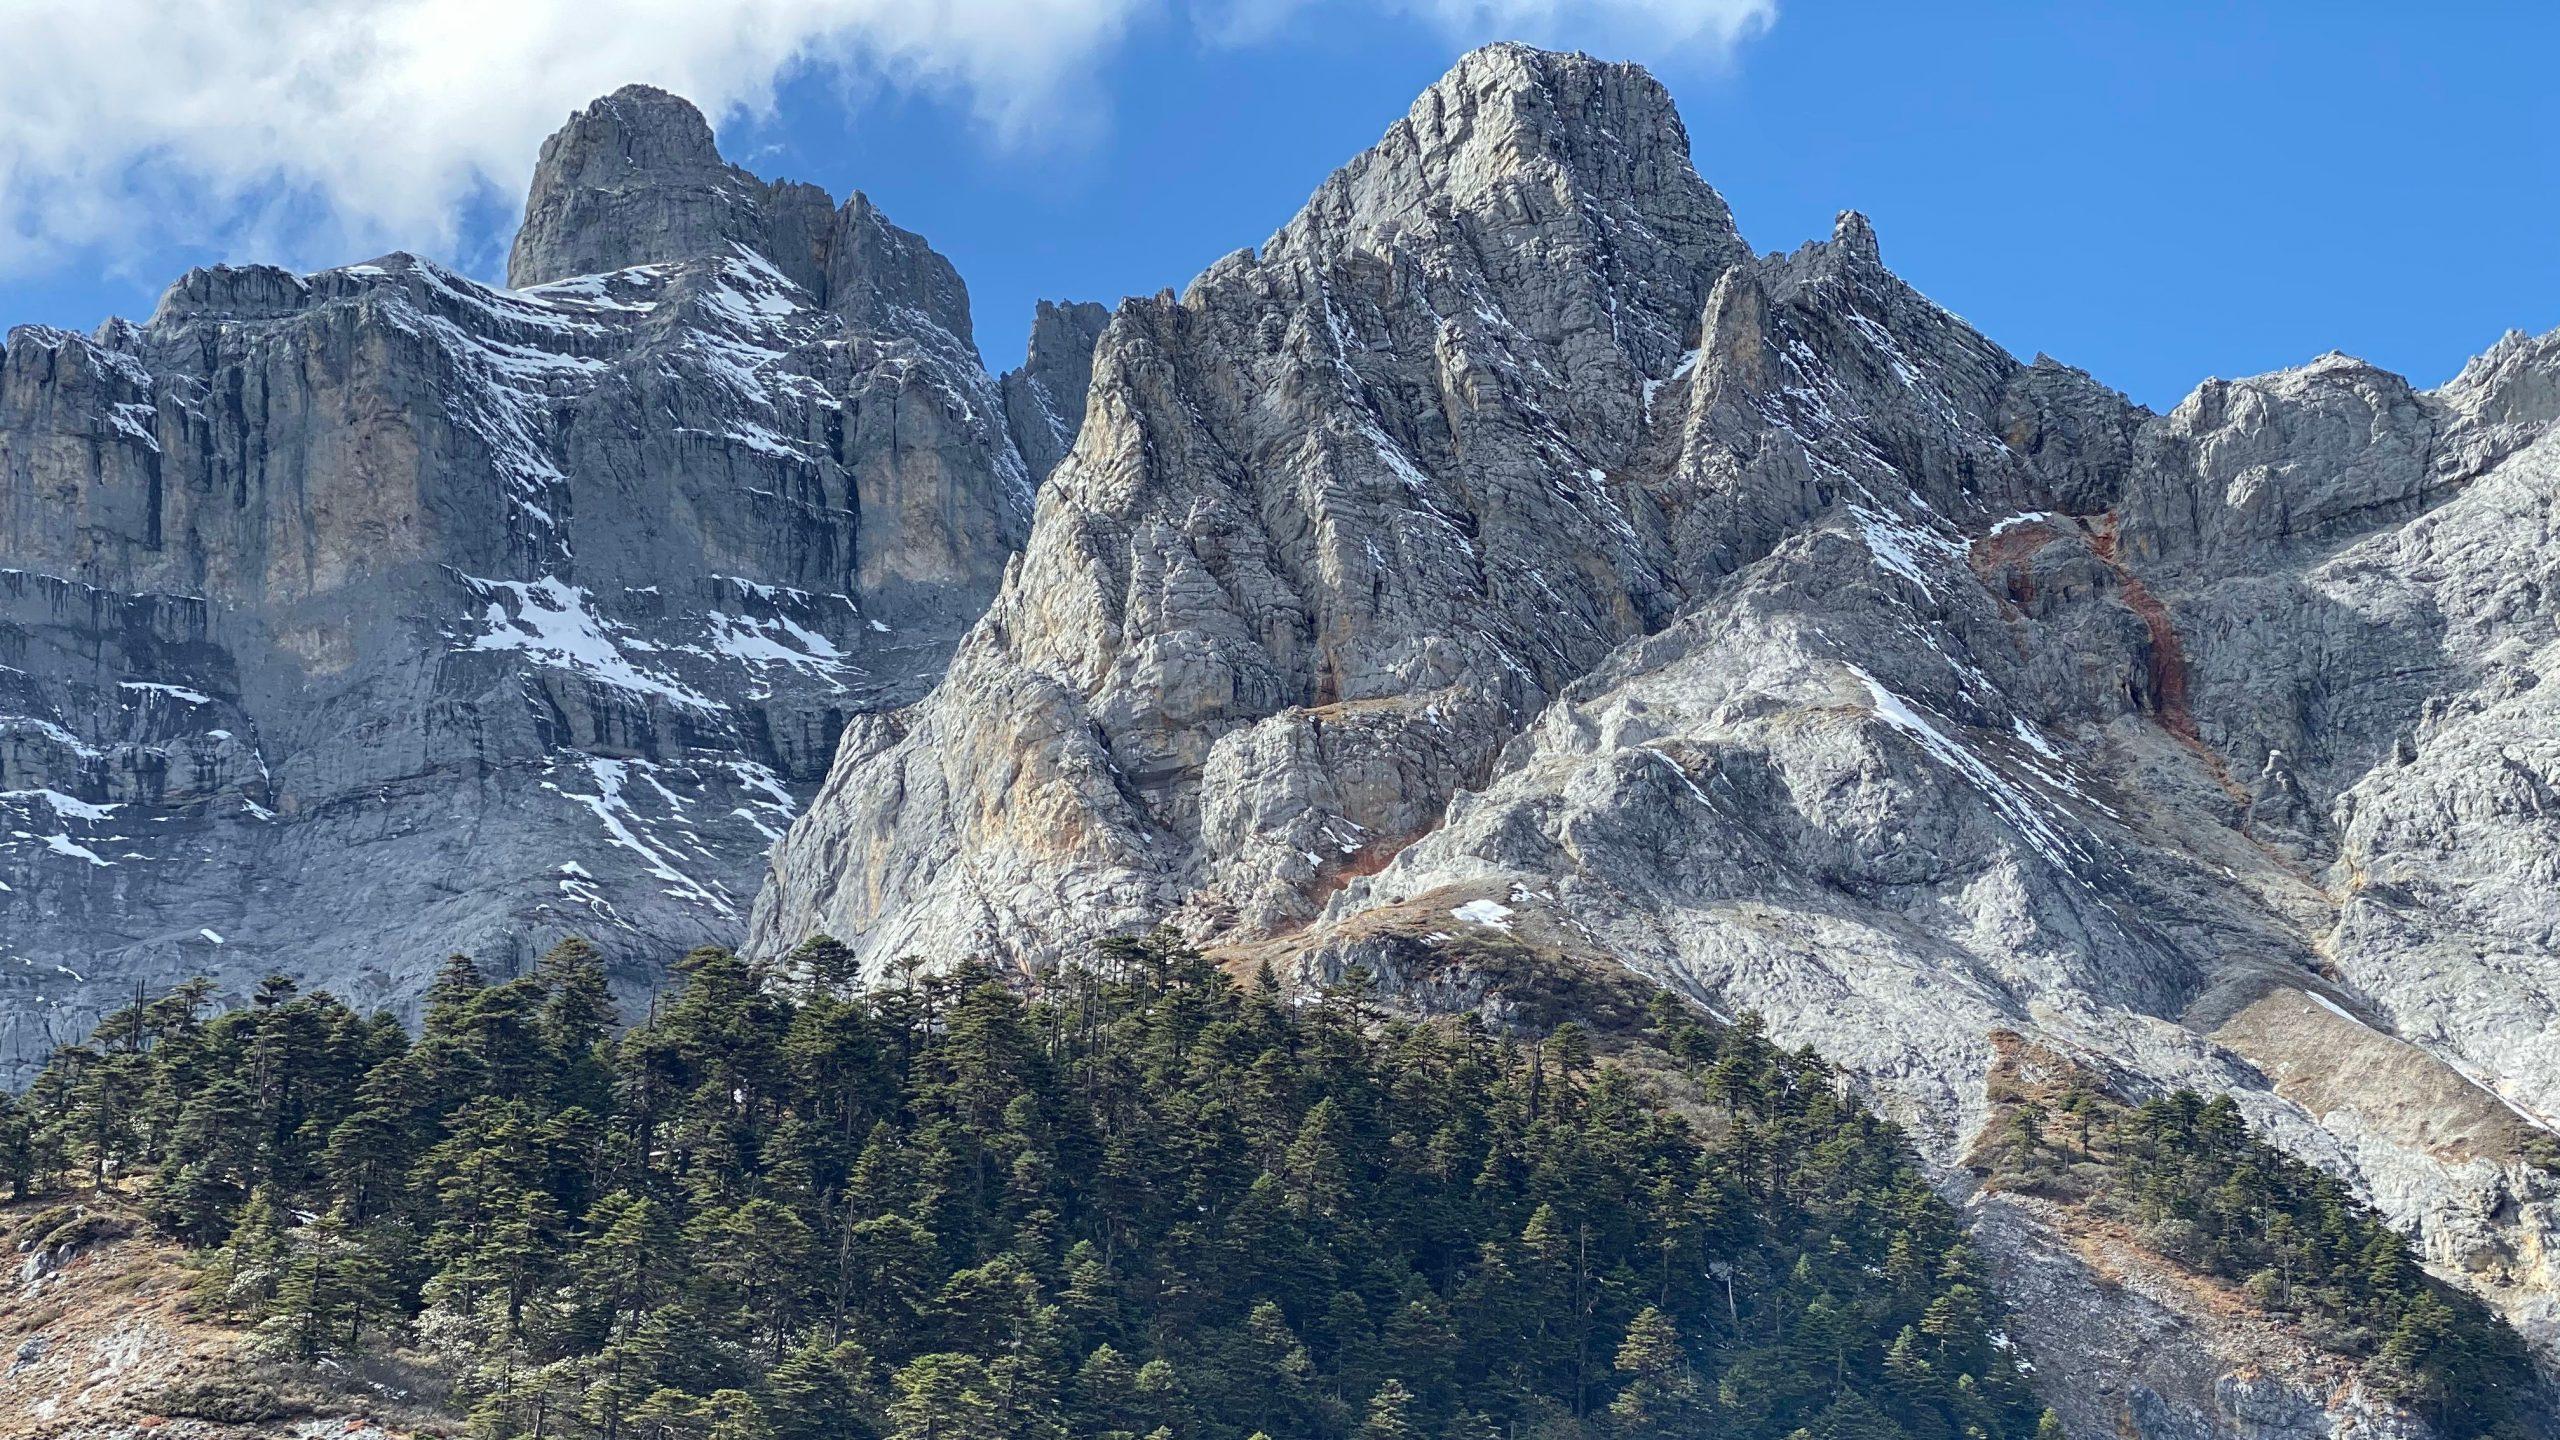 Balagezong Shangri-La Grand Canyon N P 3- Yunnan